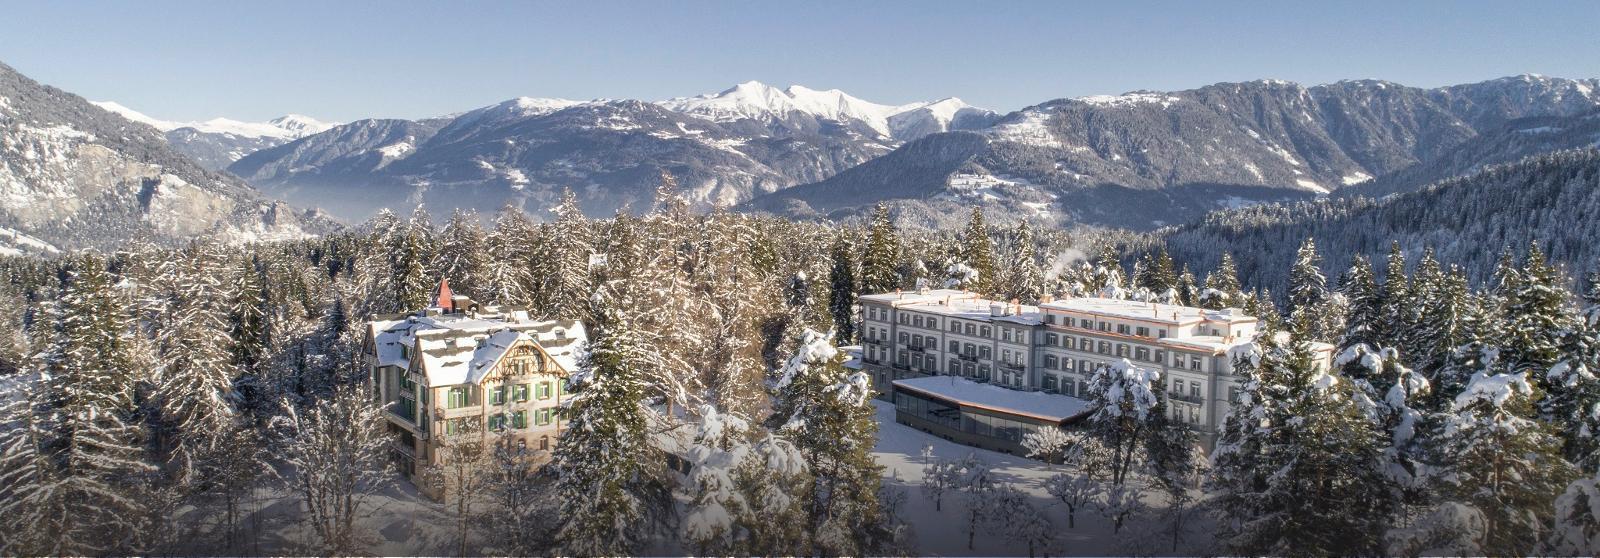 菲尔姆沃豪斯公园水疗酒店(Waldhaus Flims Hotel and Spa)【 弗利姆斯,瑞士】 酒店  www.lhw.cn